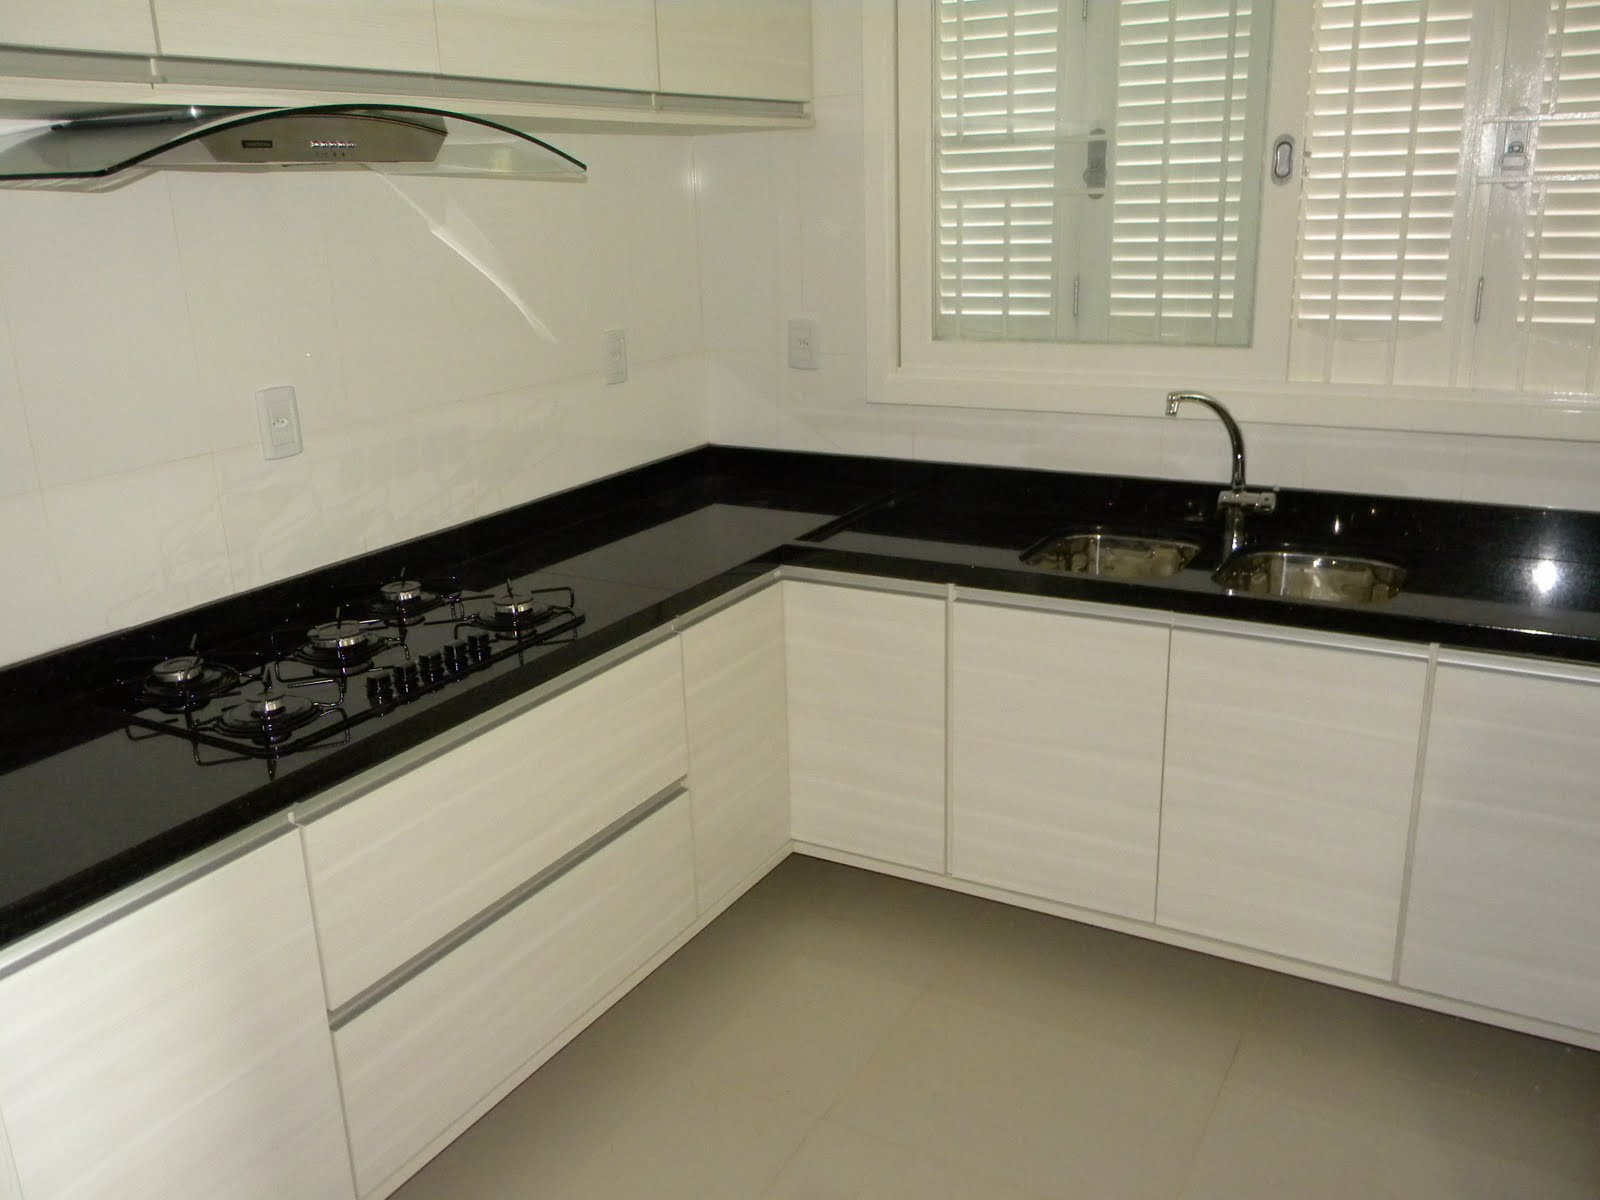 Cozinha de granito Preto São Gabriel Marmoraria MPK #59513B 1600x1200 Banheiro Com Granito Sao Gabriel